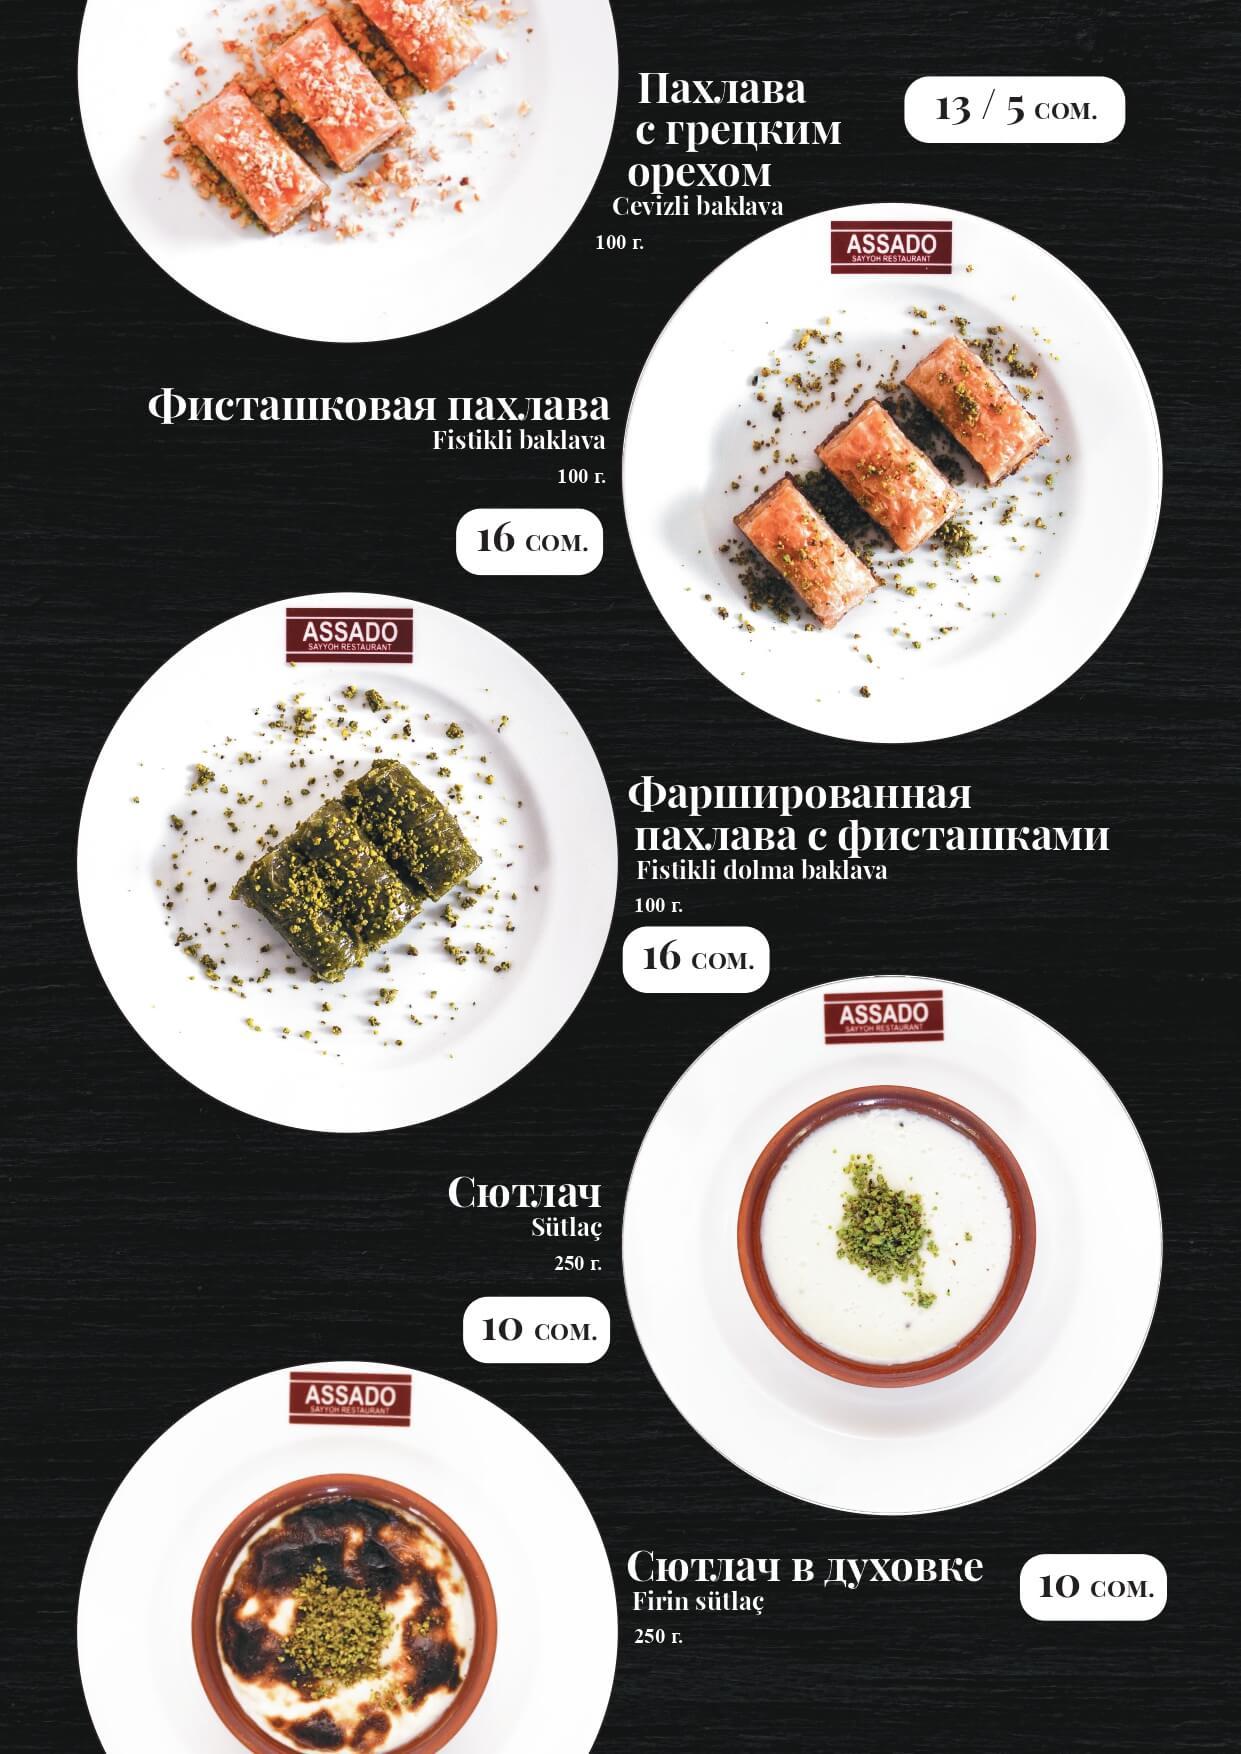 Assado_menu_page-0034